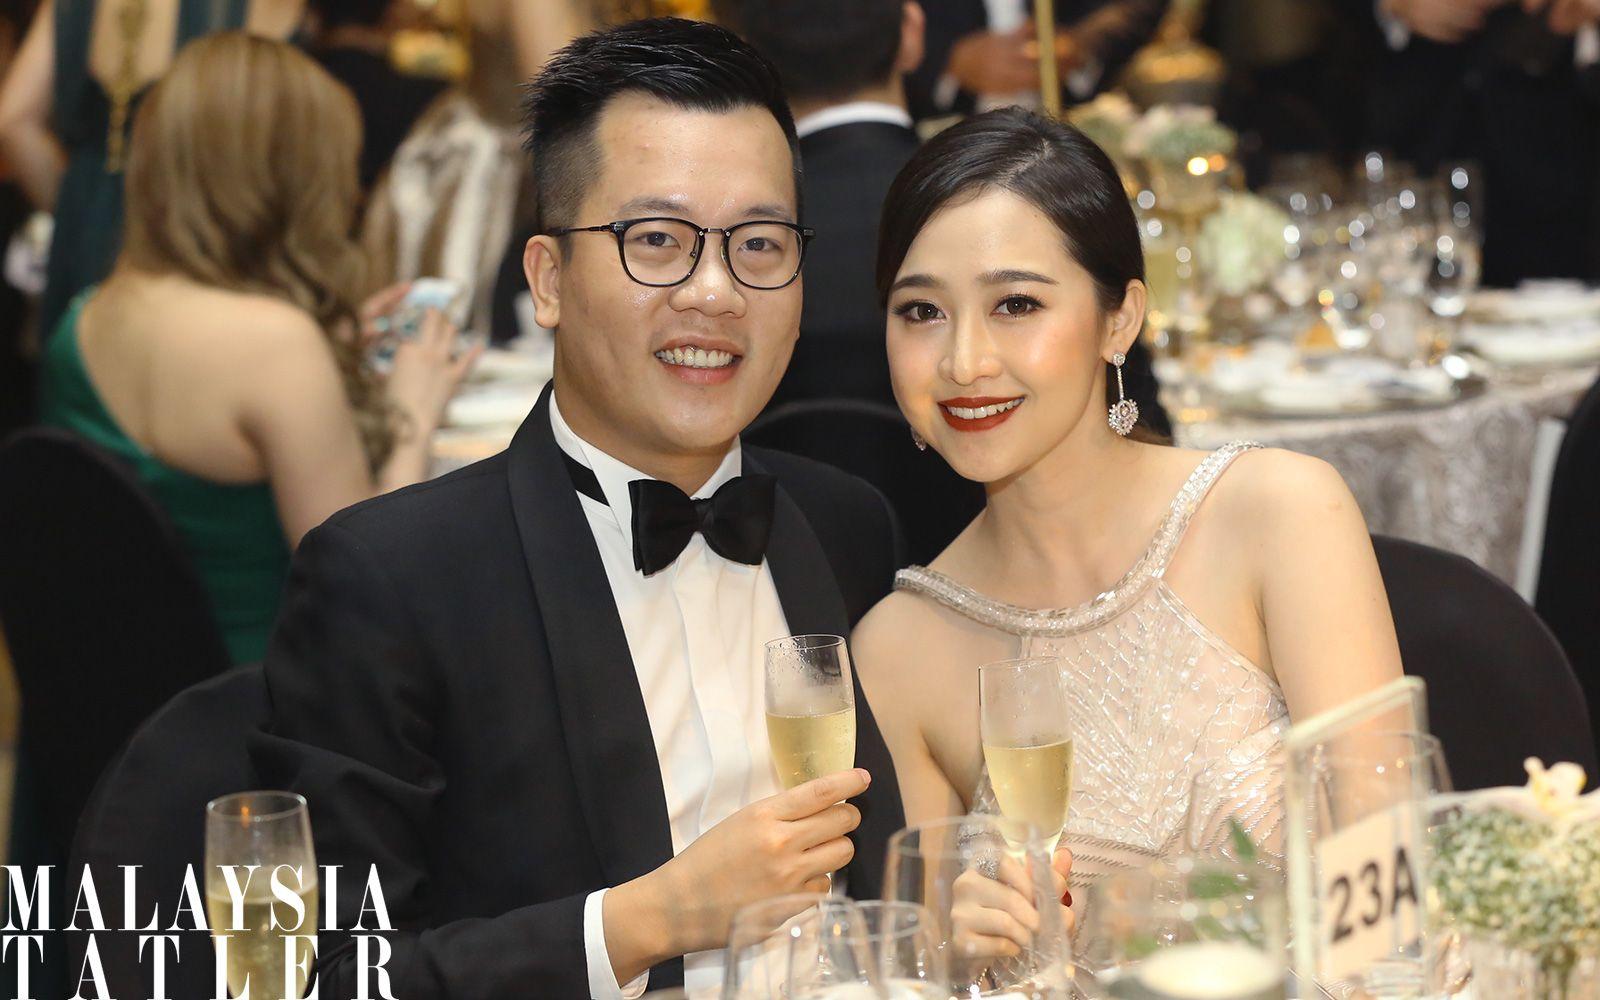 Ong Jian Win and Lim Pei Lu